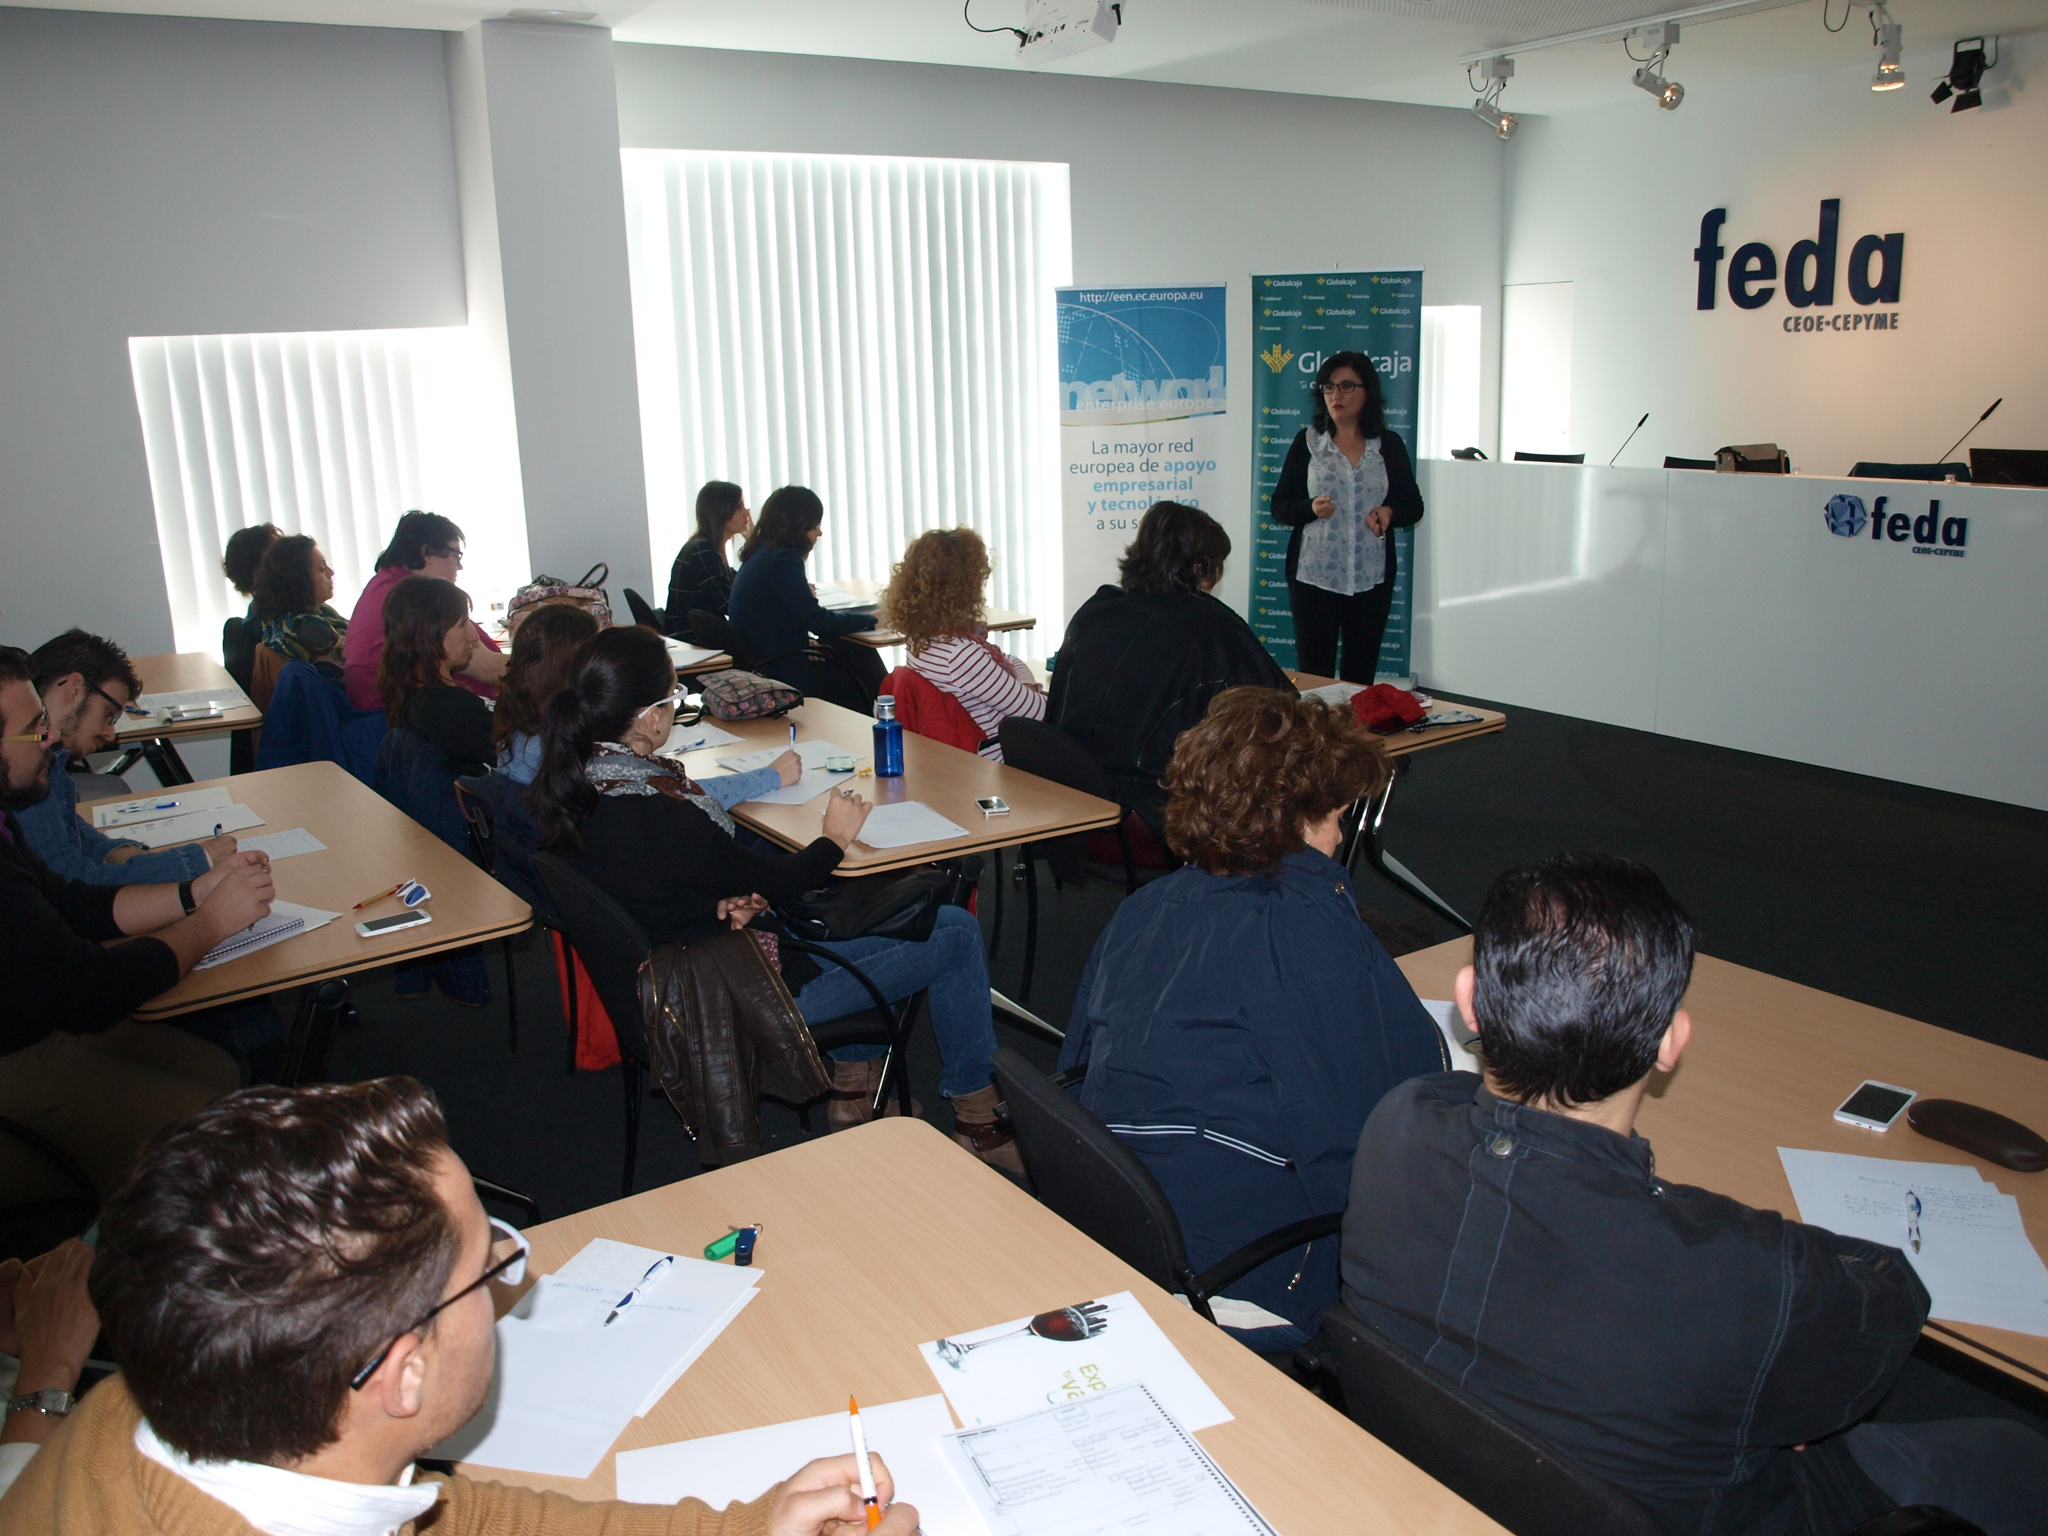 """Globalcaja """"exporta su valor"""" y su apuesta por la internacionalización en las Jornadas de FEDA"""